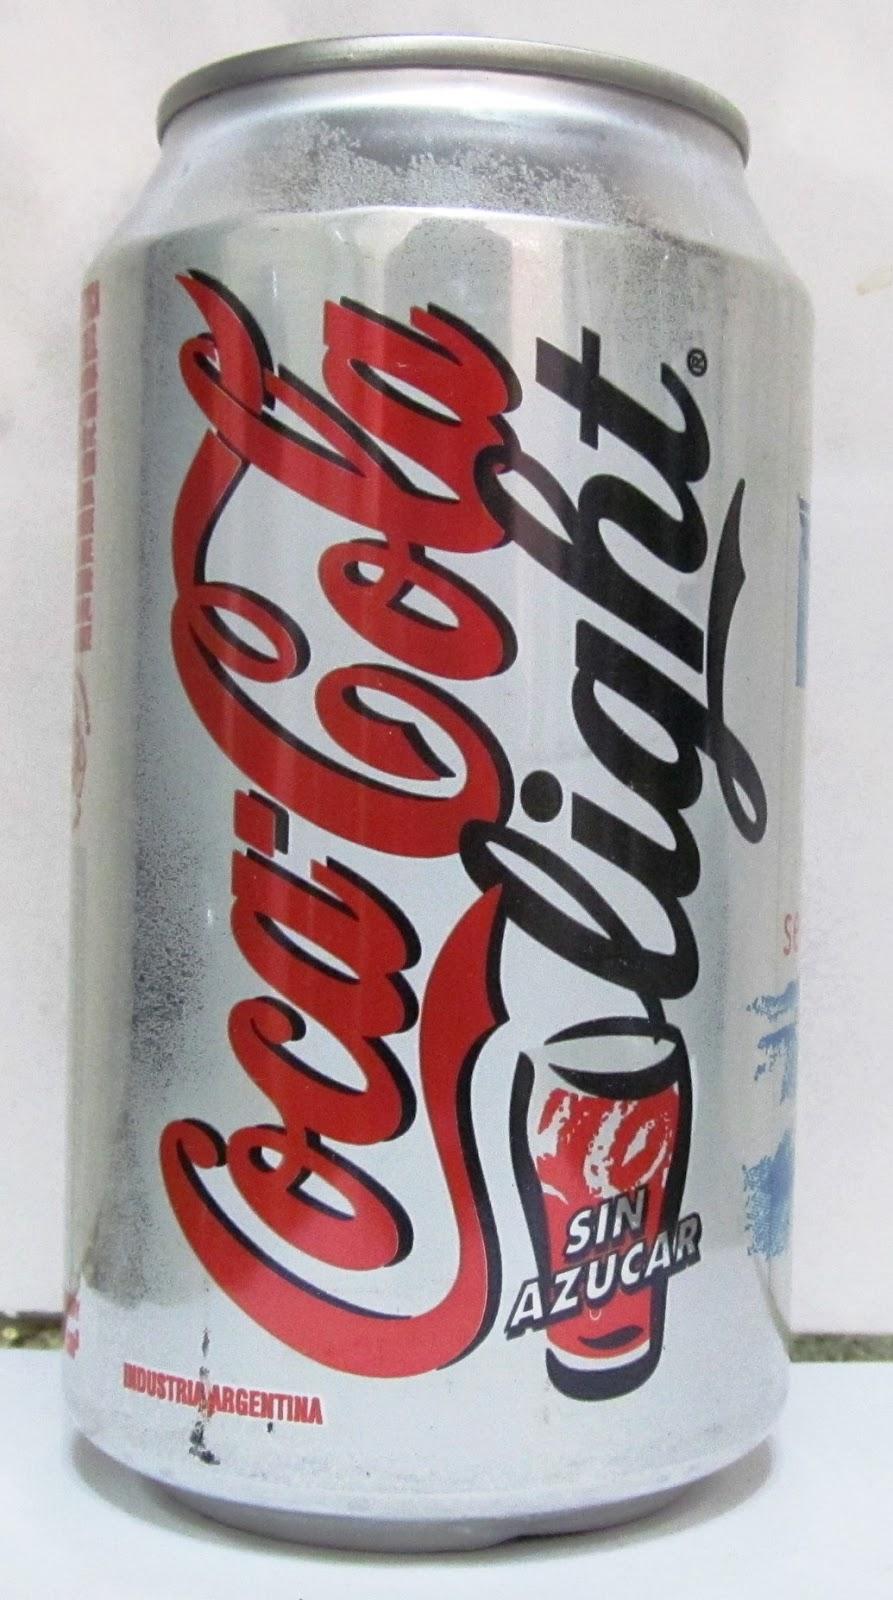 latas y botellas colecciÓn: lata coca cola light senti el placer de